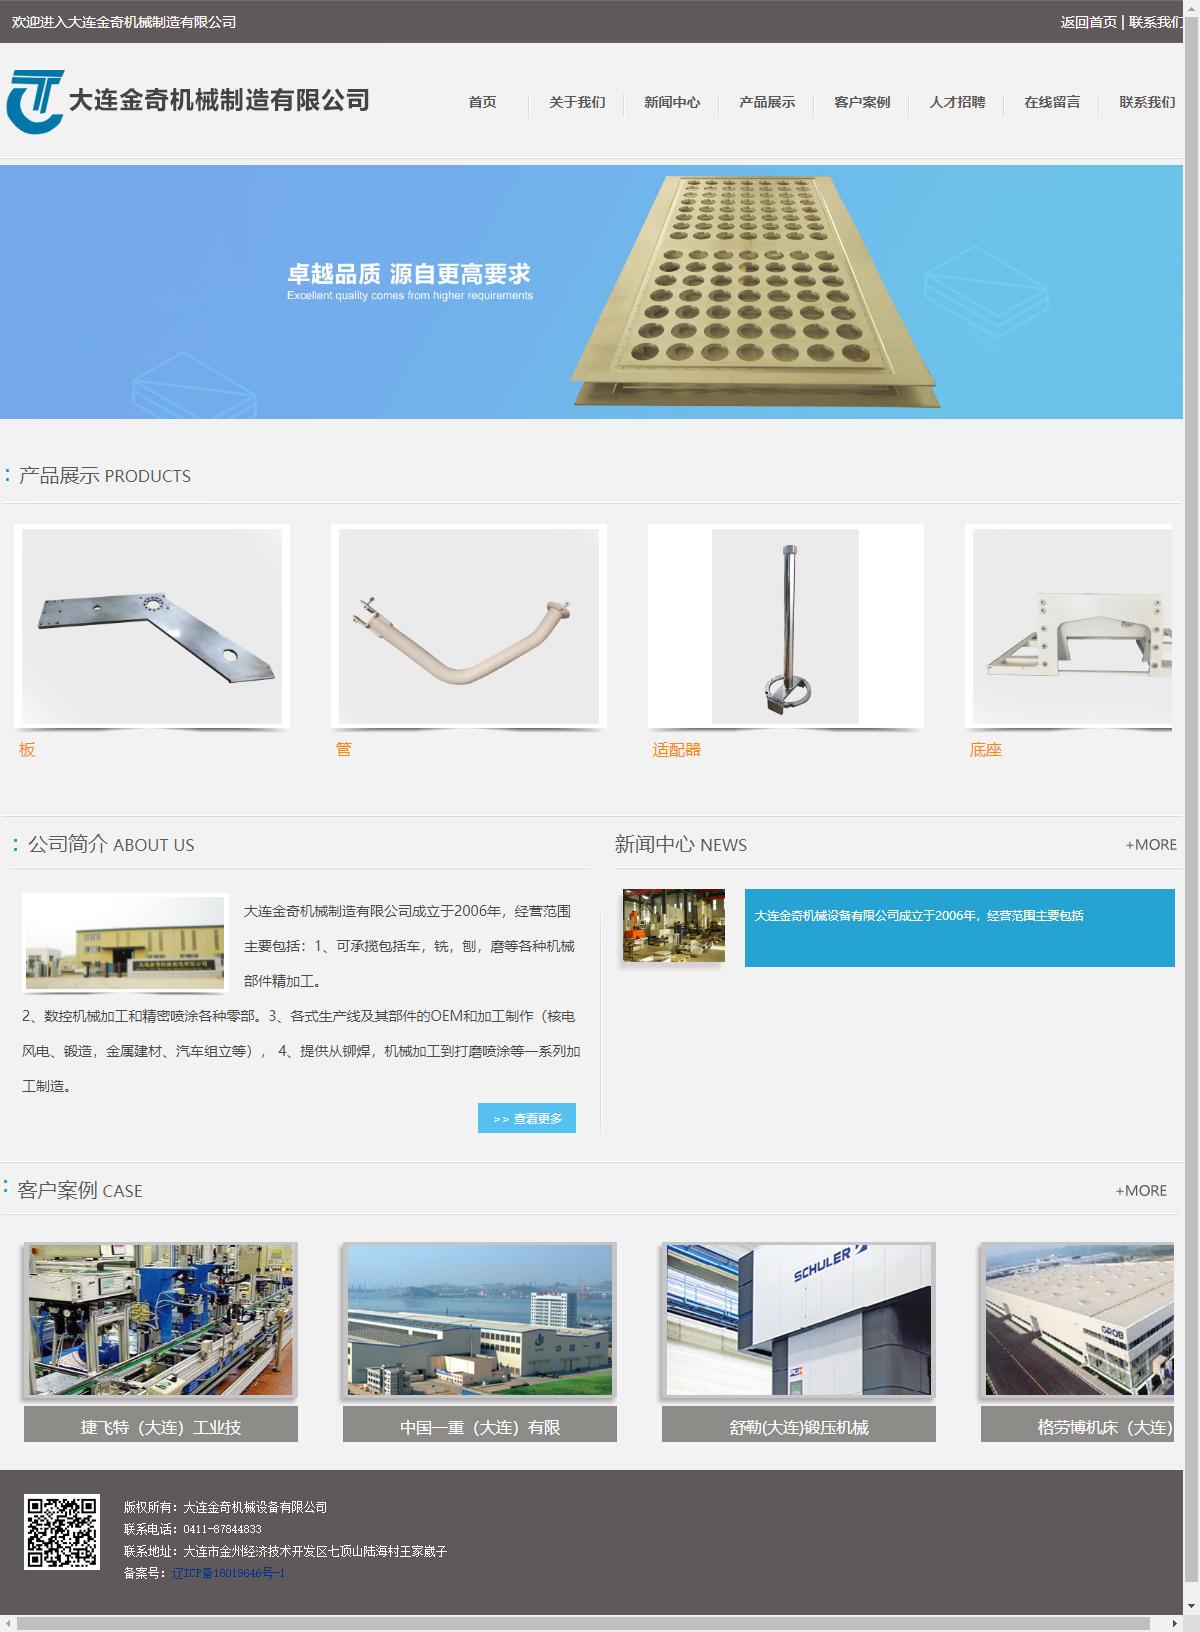 大连金奇机械制造有限公司网站案例